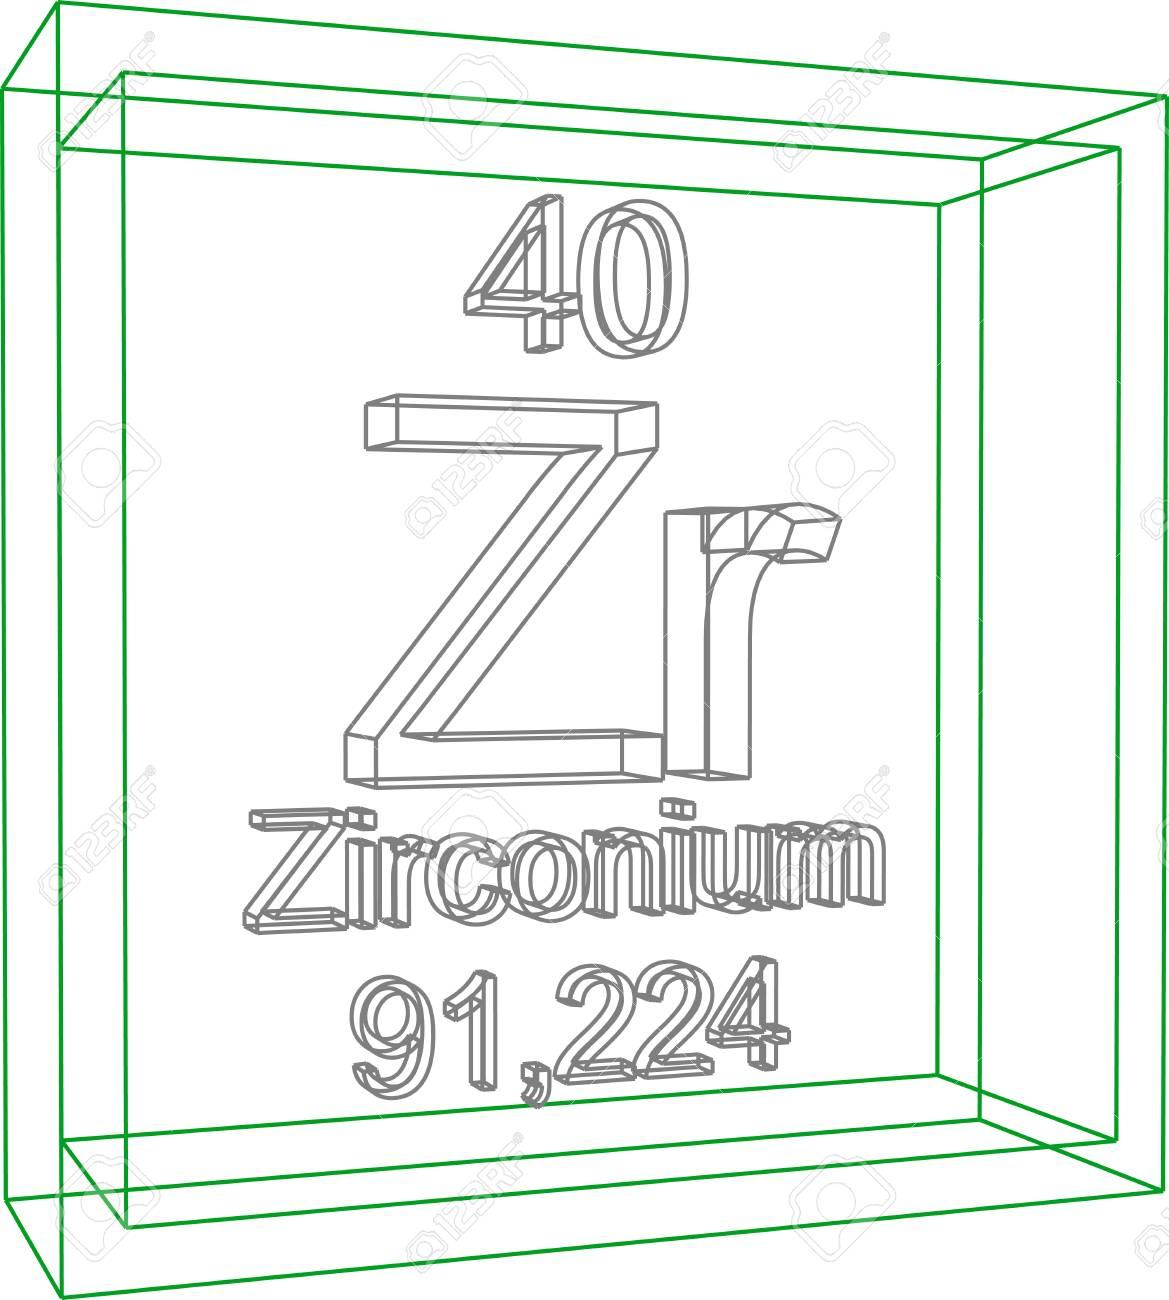 Zirconium chemical element symbol periodic map of japan and periodic table of elements zirconium royalty free cliparts 57961296 periodic table of elements zirconium stock vector gamestrikefo Images